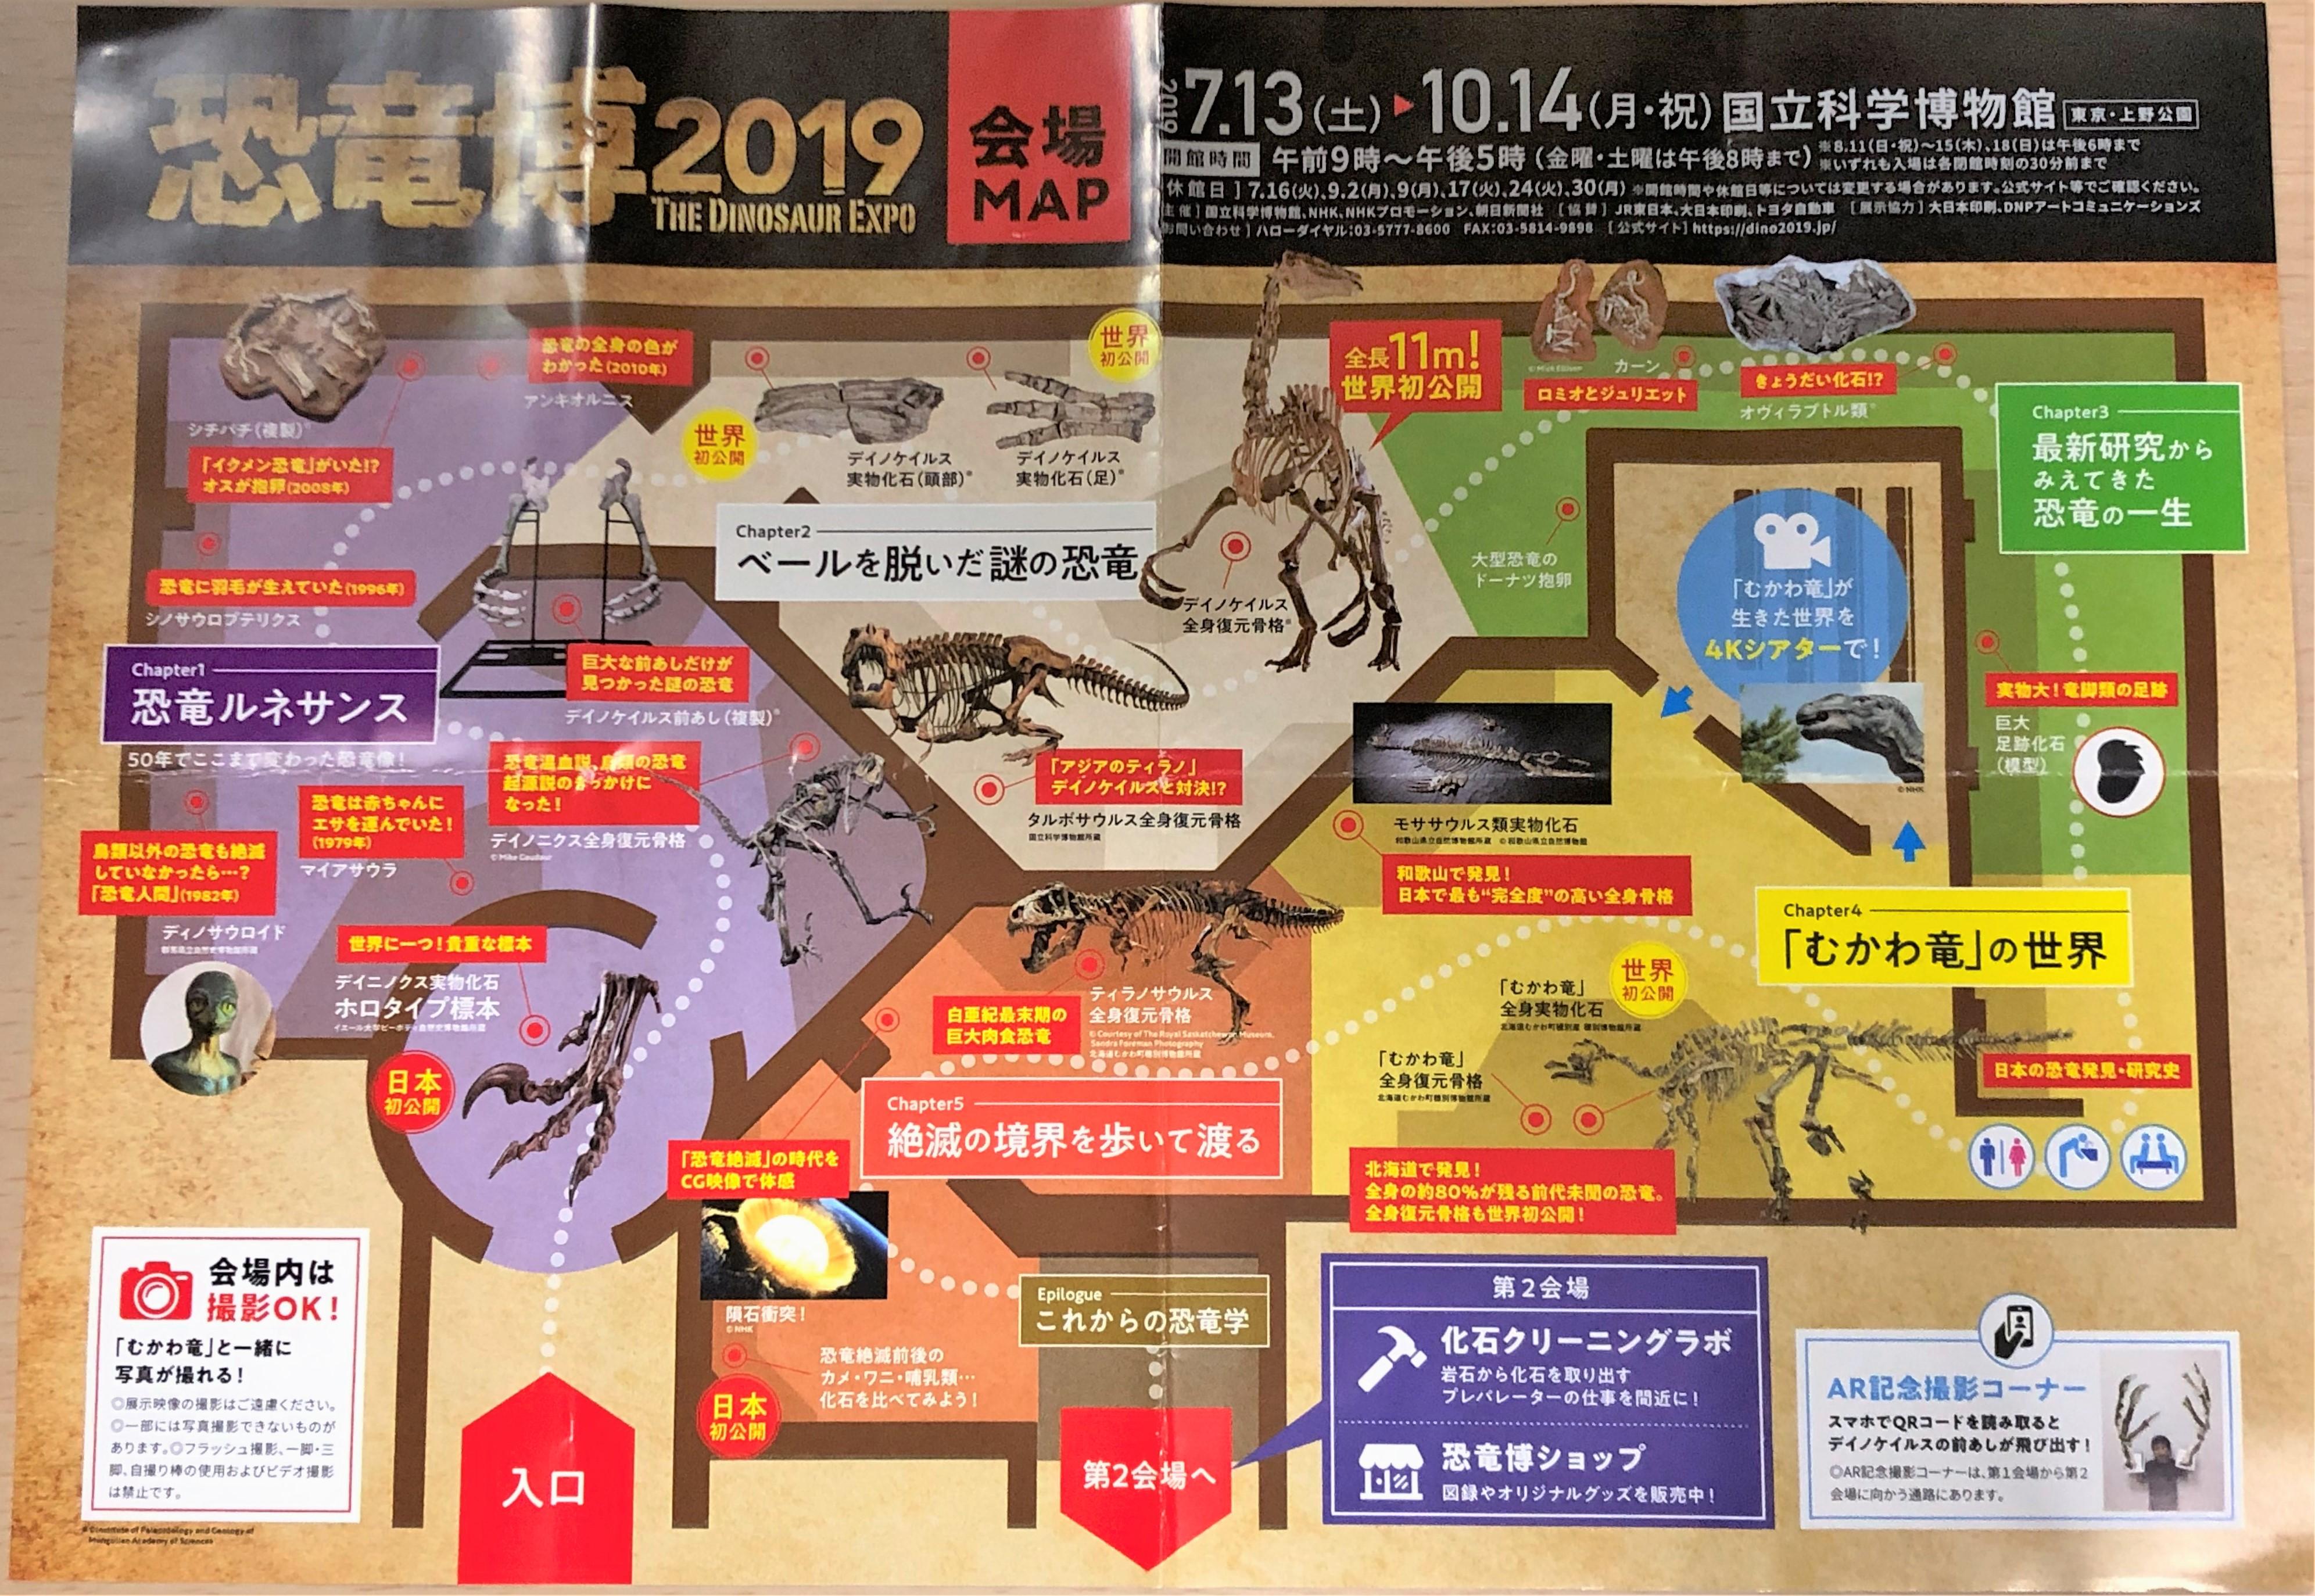 恐竜展2019パンフレット